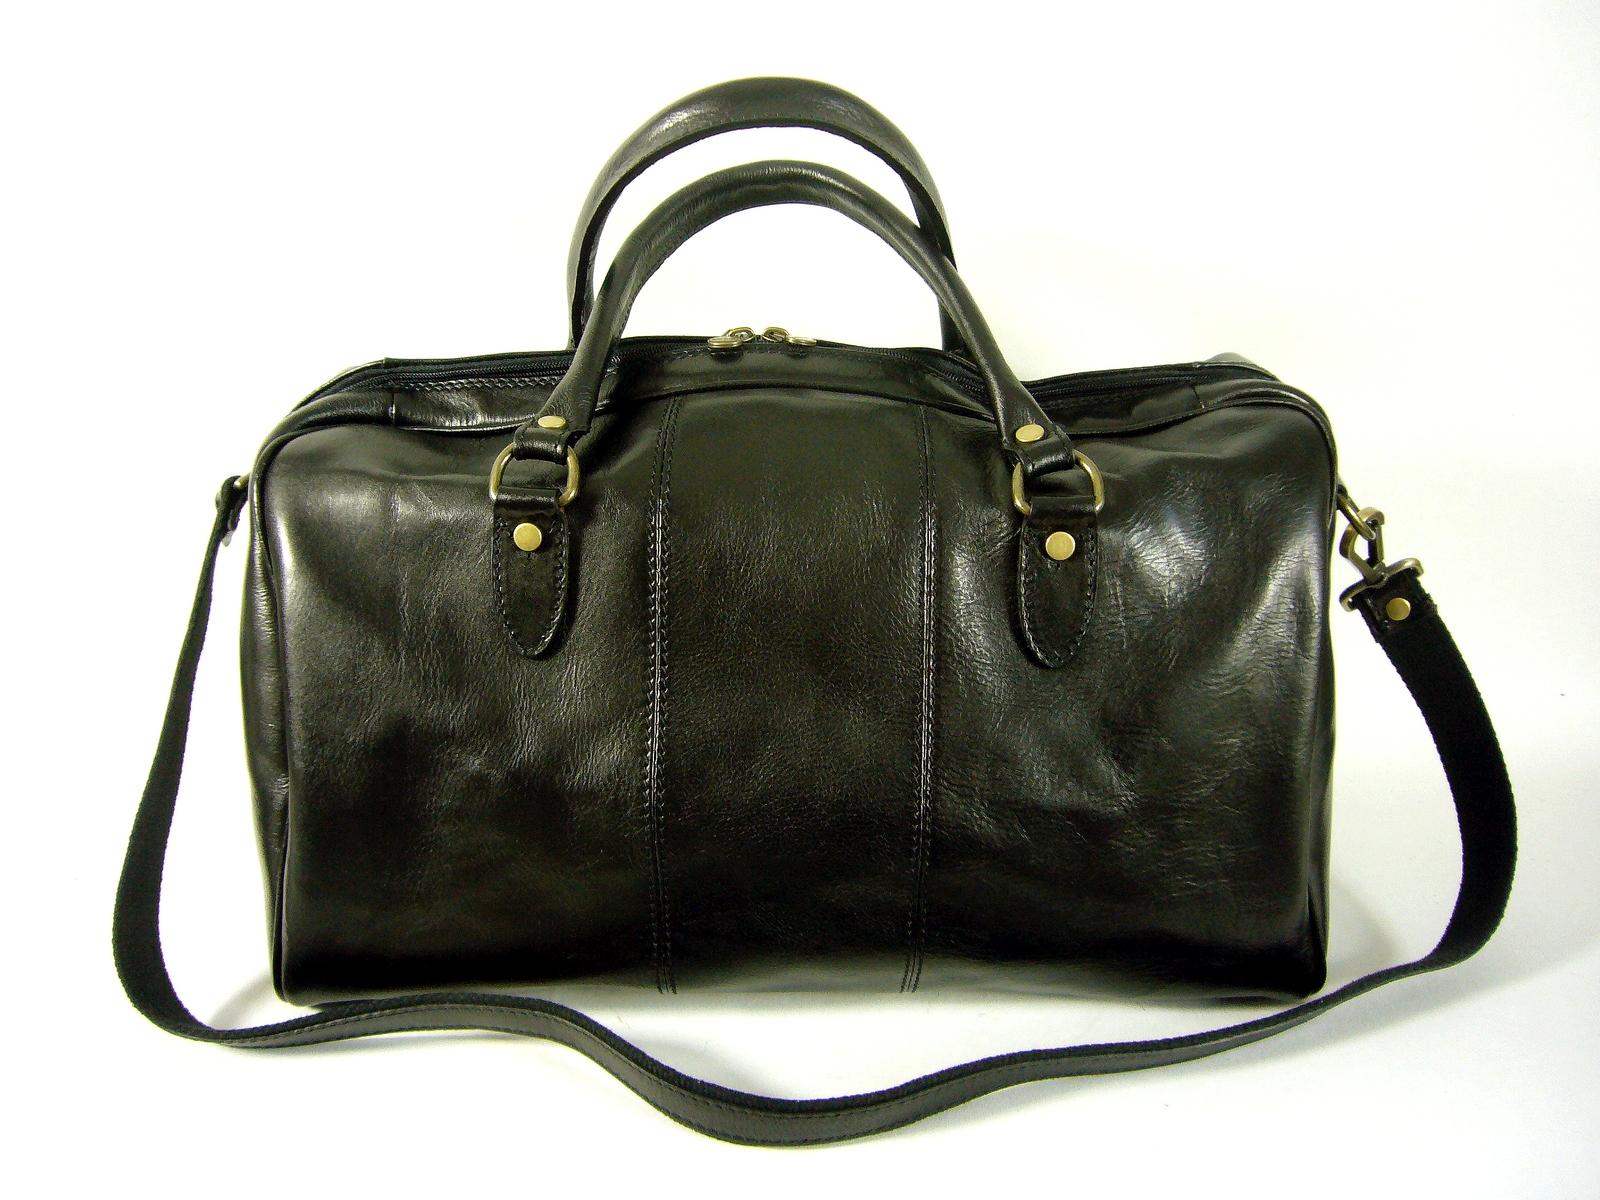 bdd88049ee Sac de voyage cuir noir made in Italie Vienna / DIVA - Espritcuir.com